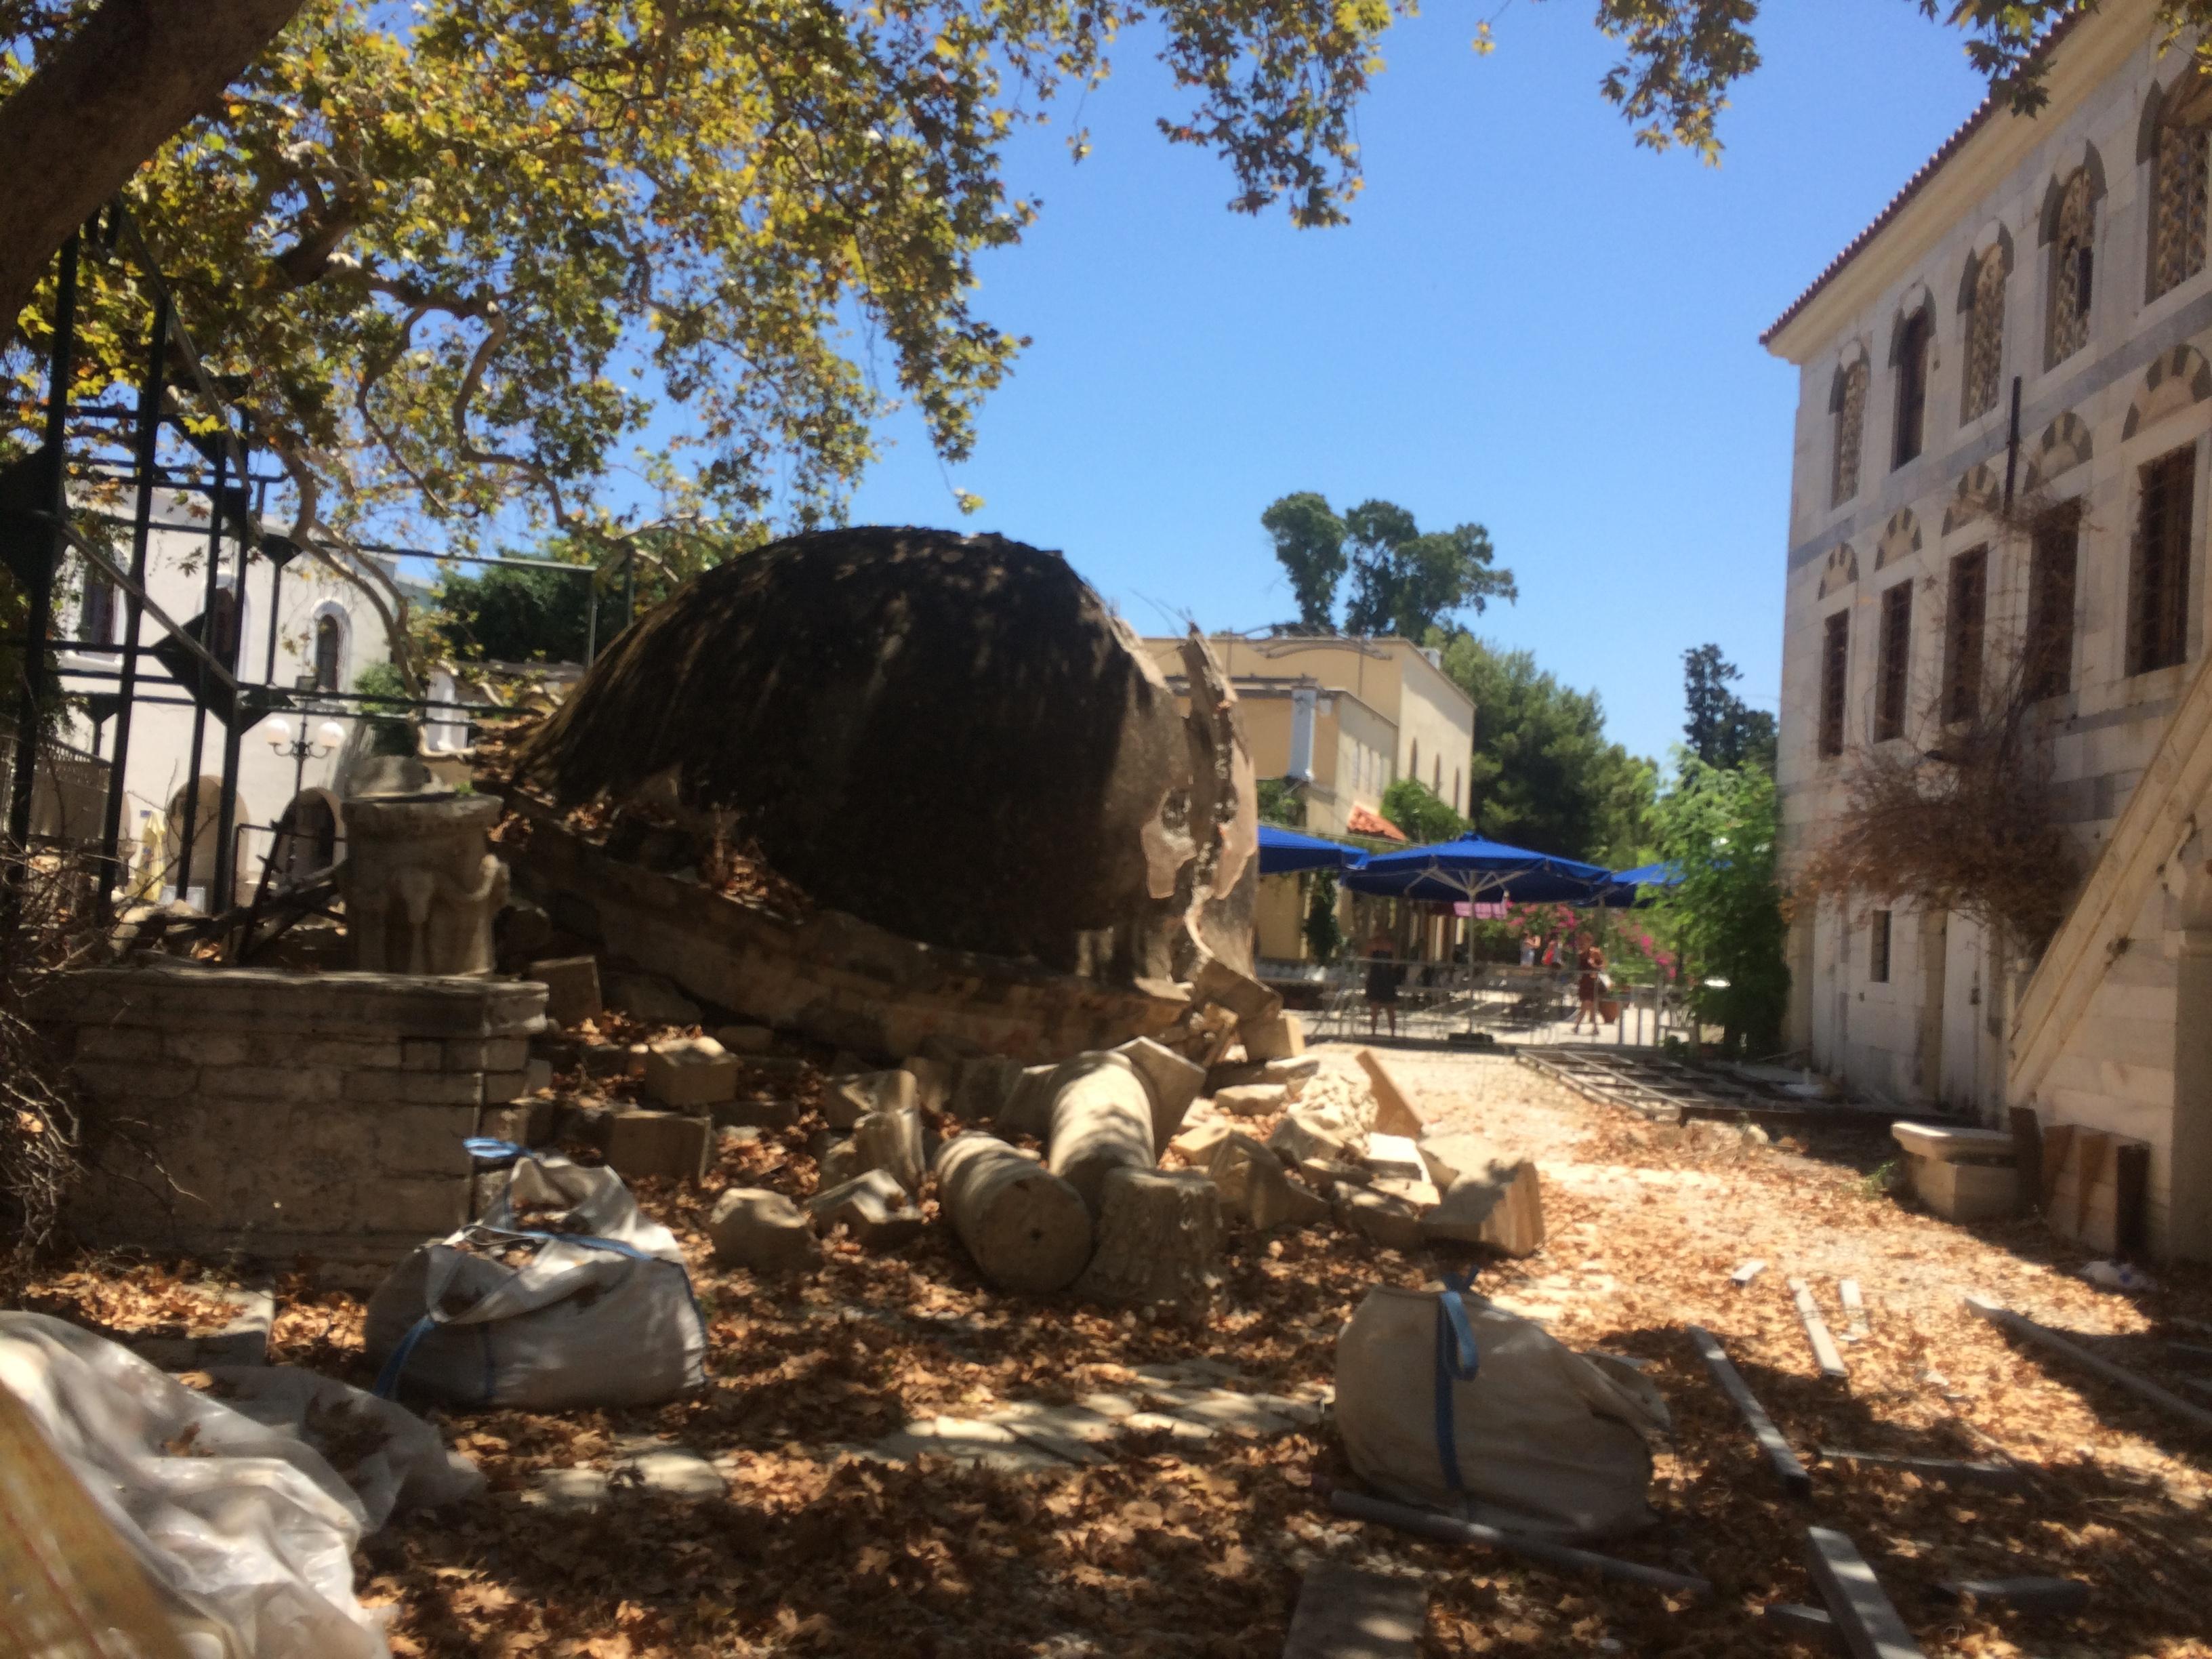 Cezayirli Hasan Paşa Camii Bodrum'un Karşısındaki Avrupa Kos Adası – İstanköy